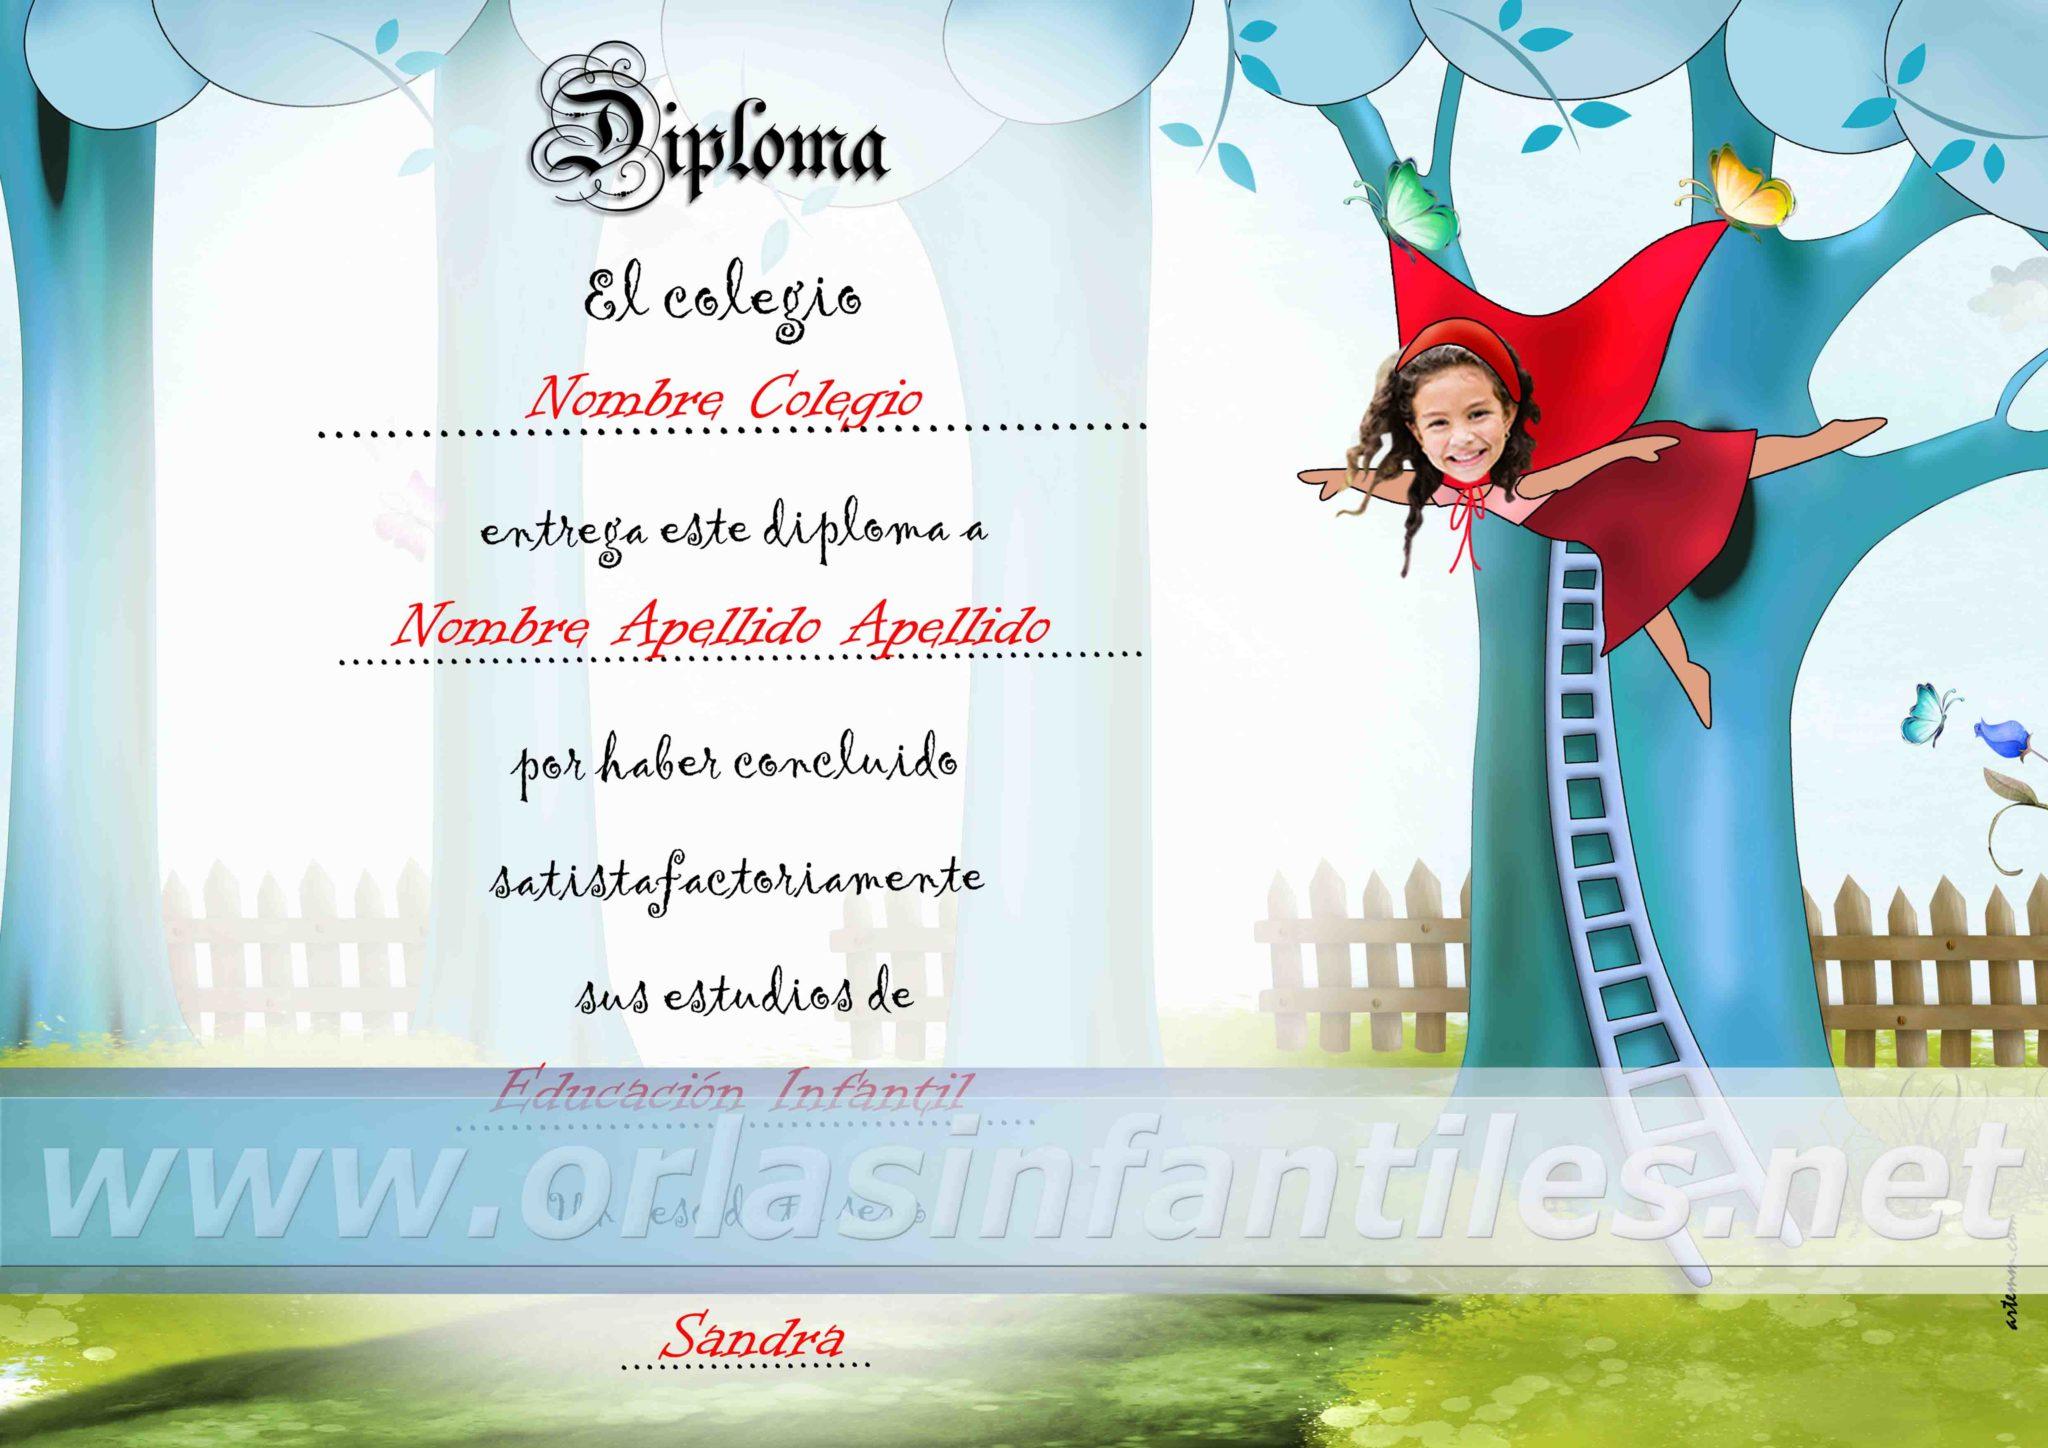 Diploma Caperucita 1